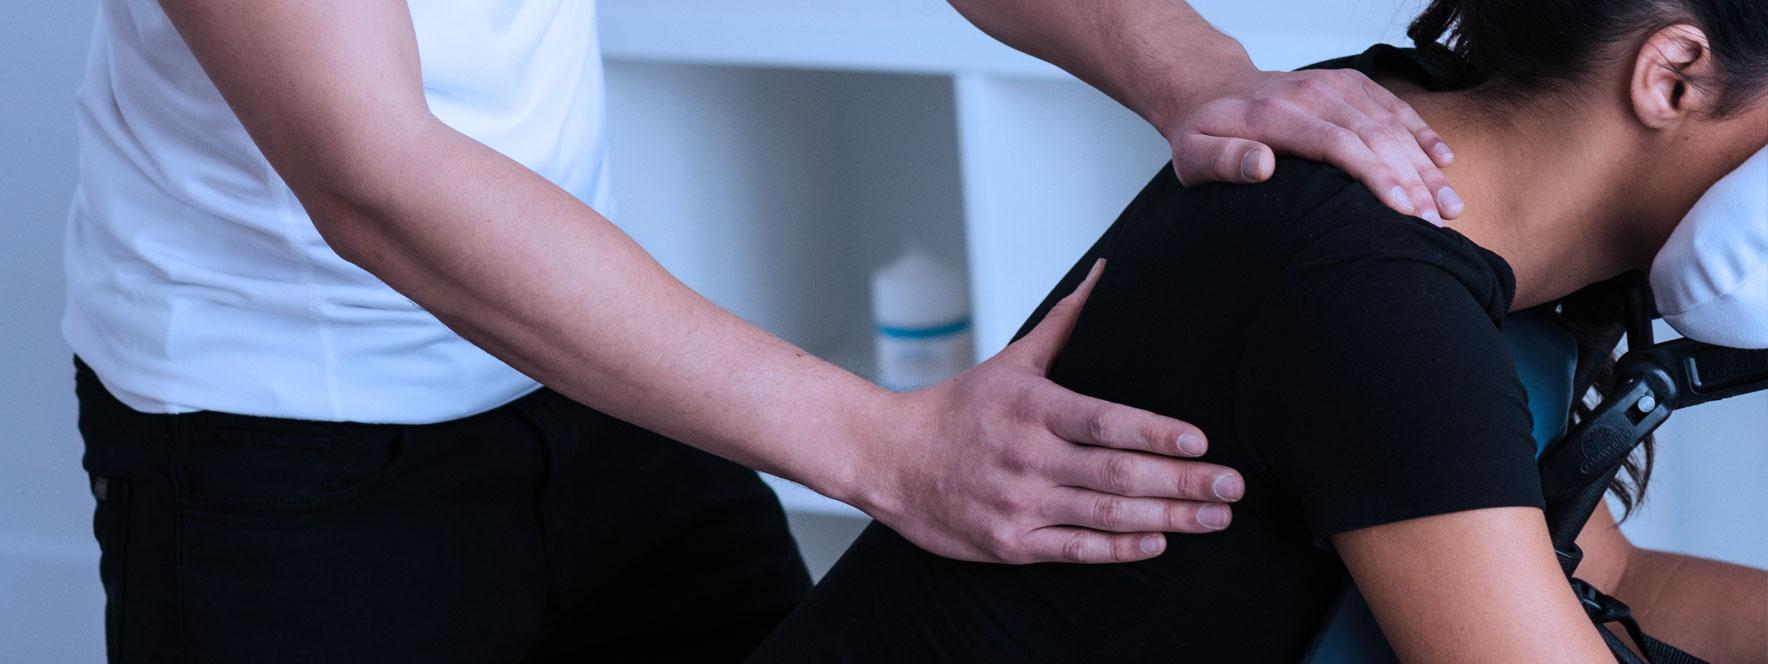 Femme se fait masser, massothérapeute qui relâche les tensions